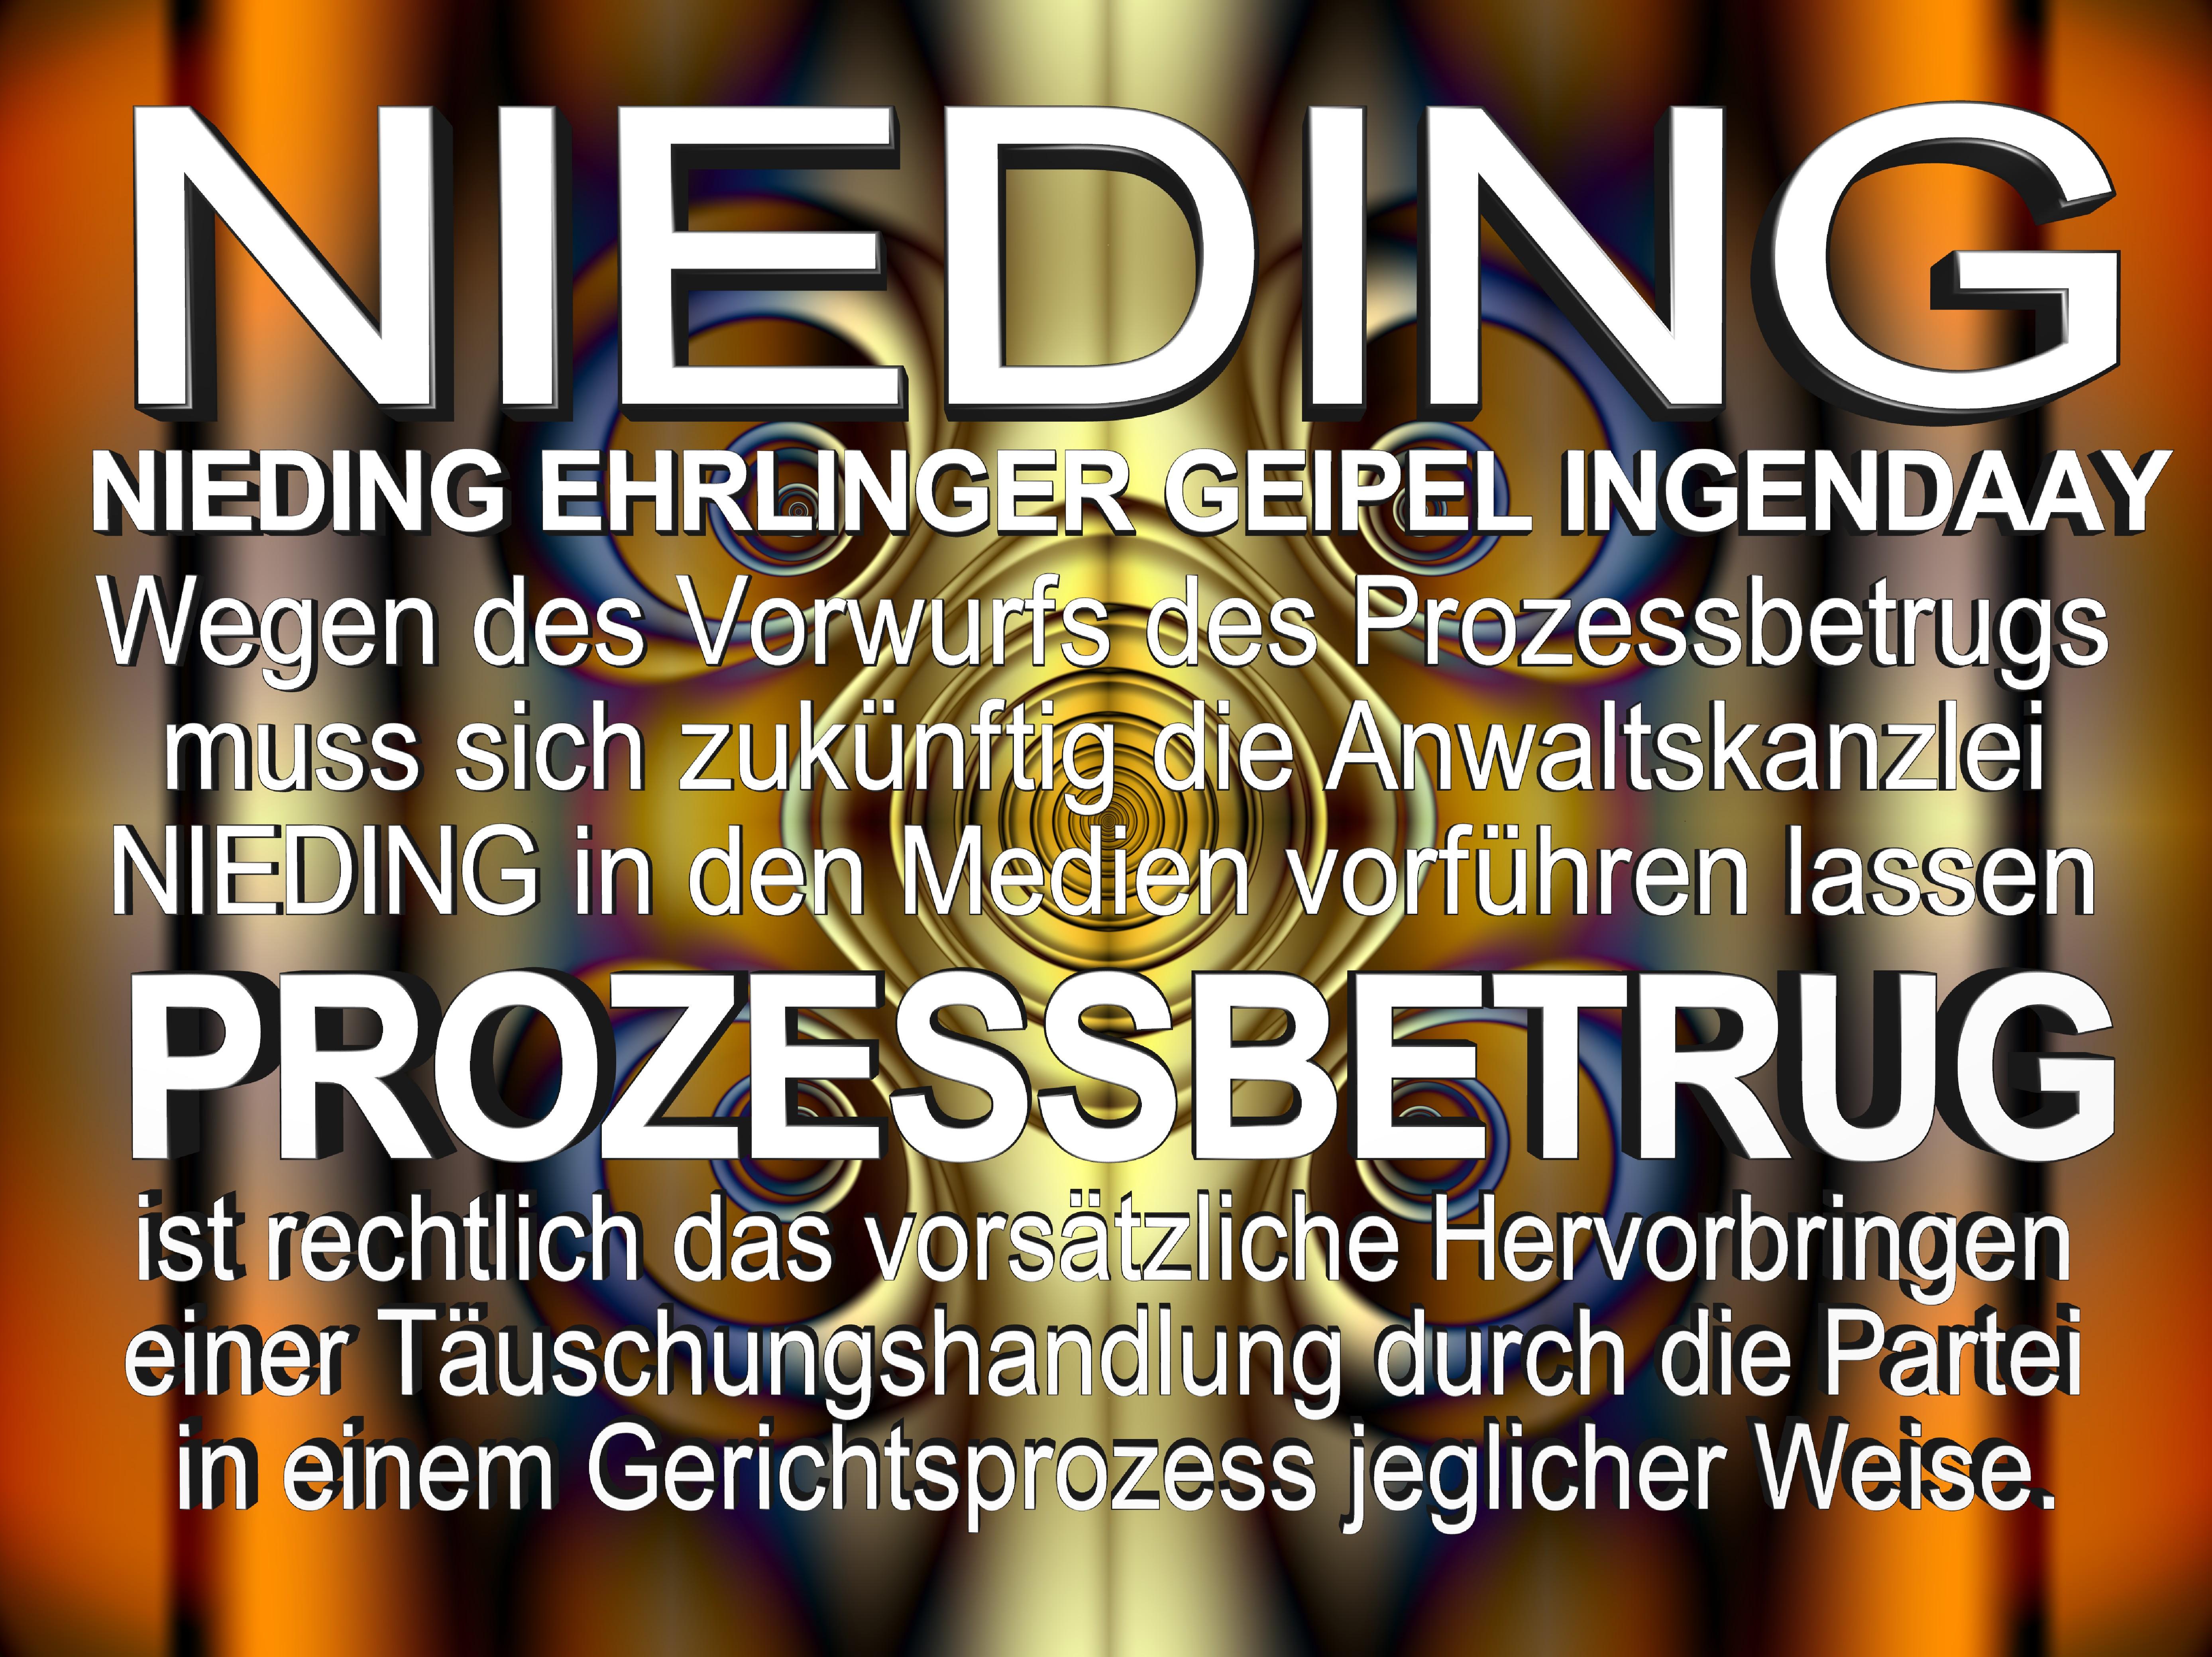 NIEDING EHRLINGER GEIPEL INGENDAAY LELKE Kurfürstendamm 66 Berlin (193)